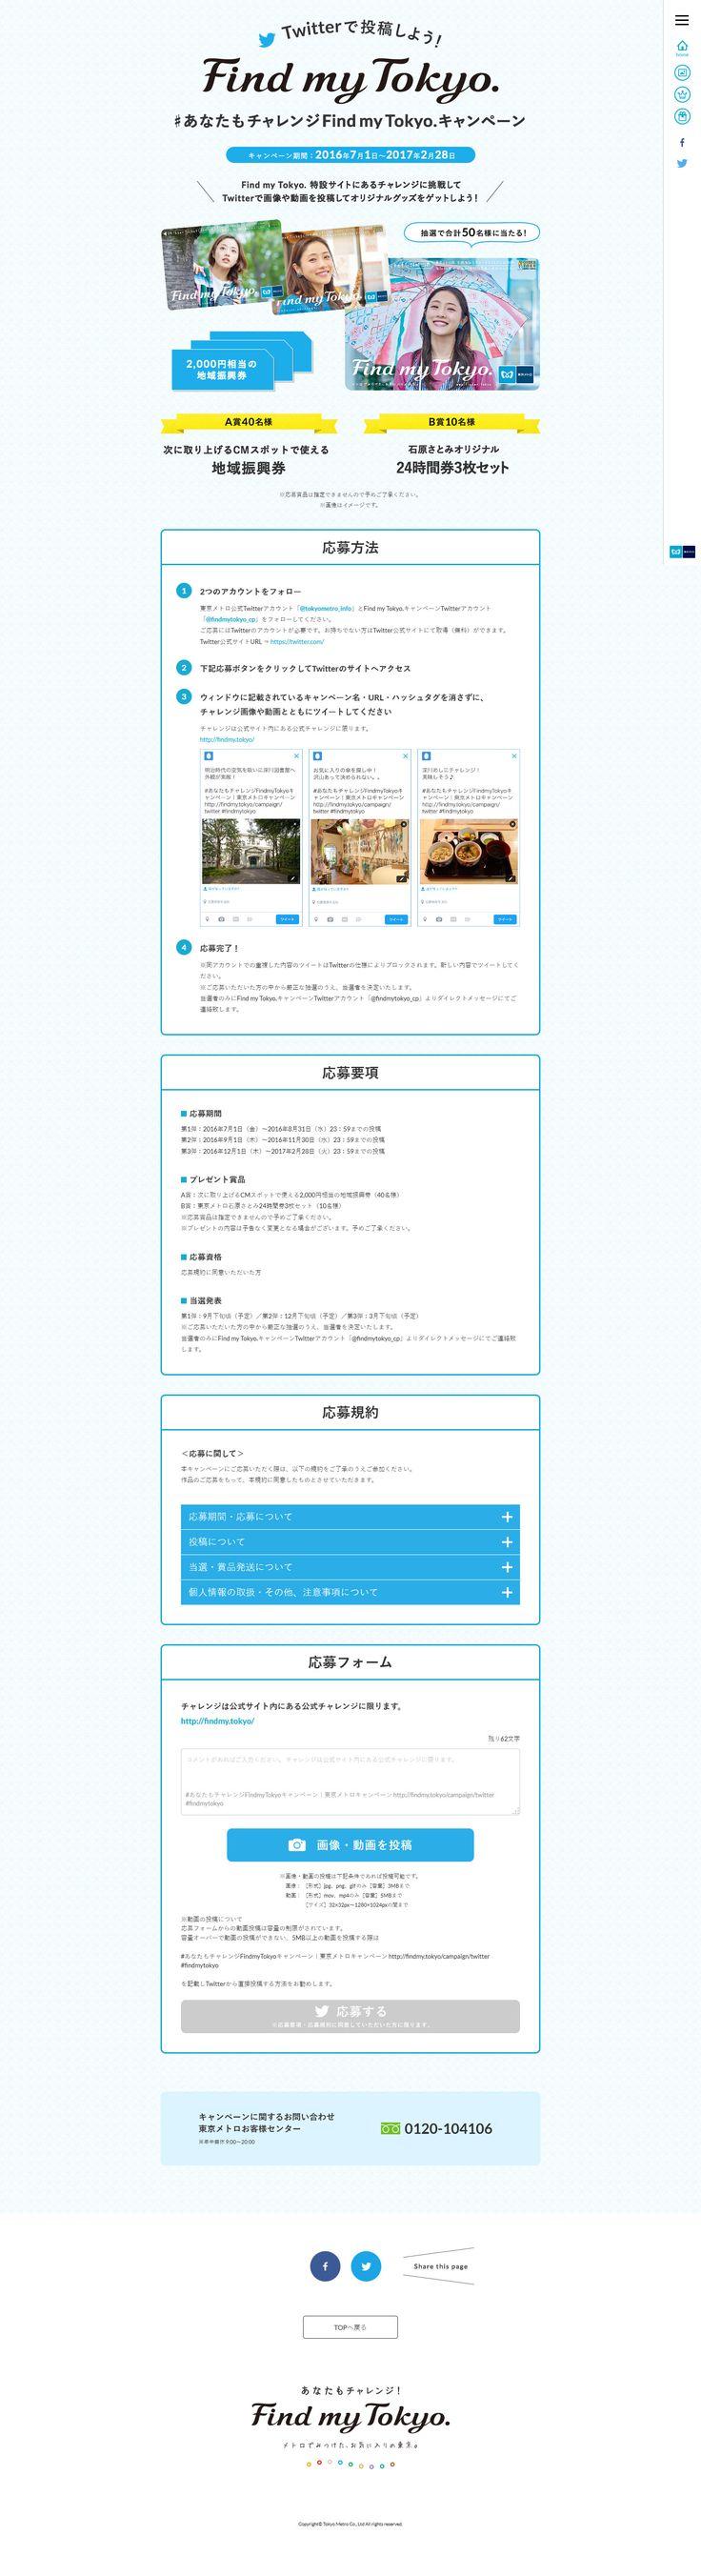 #あなたもチャレンジFind my Tokyoキャンペーン  Find my Tokyo.  東京メトロ http://findmy.tokyo/campaign/twitter